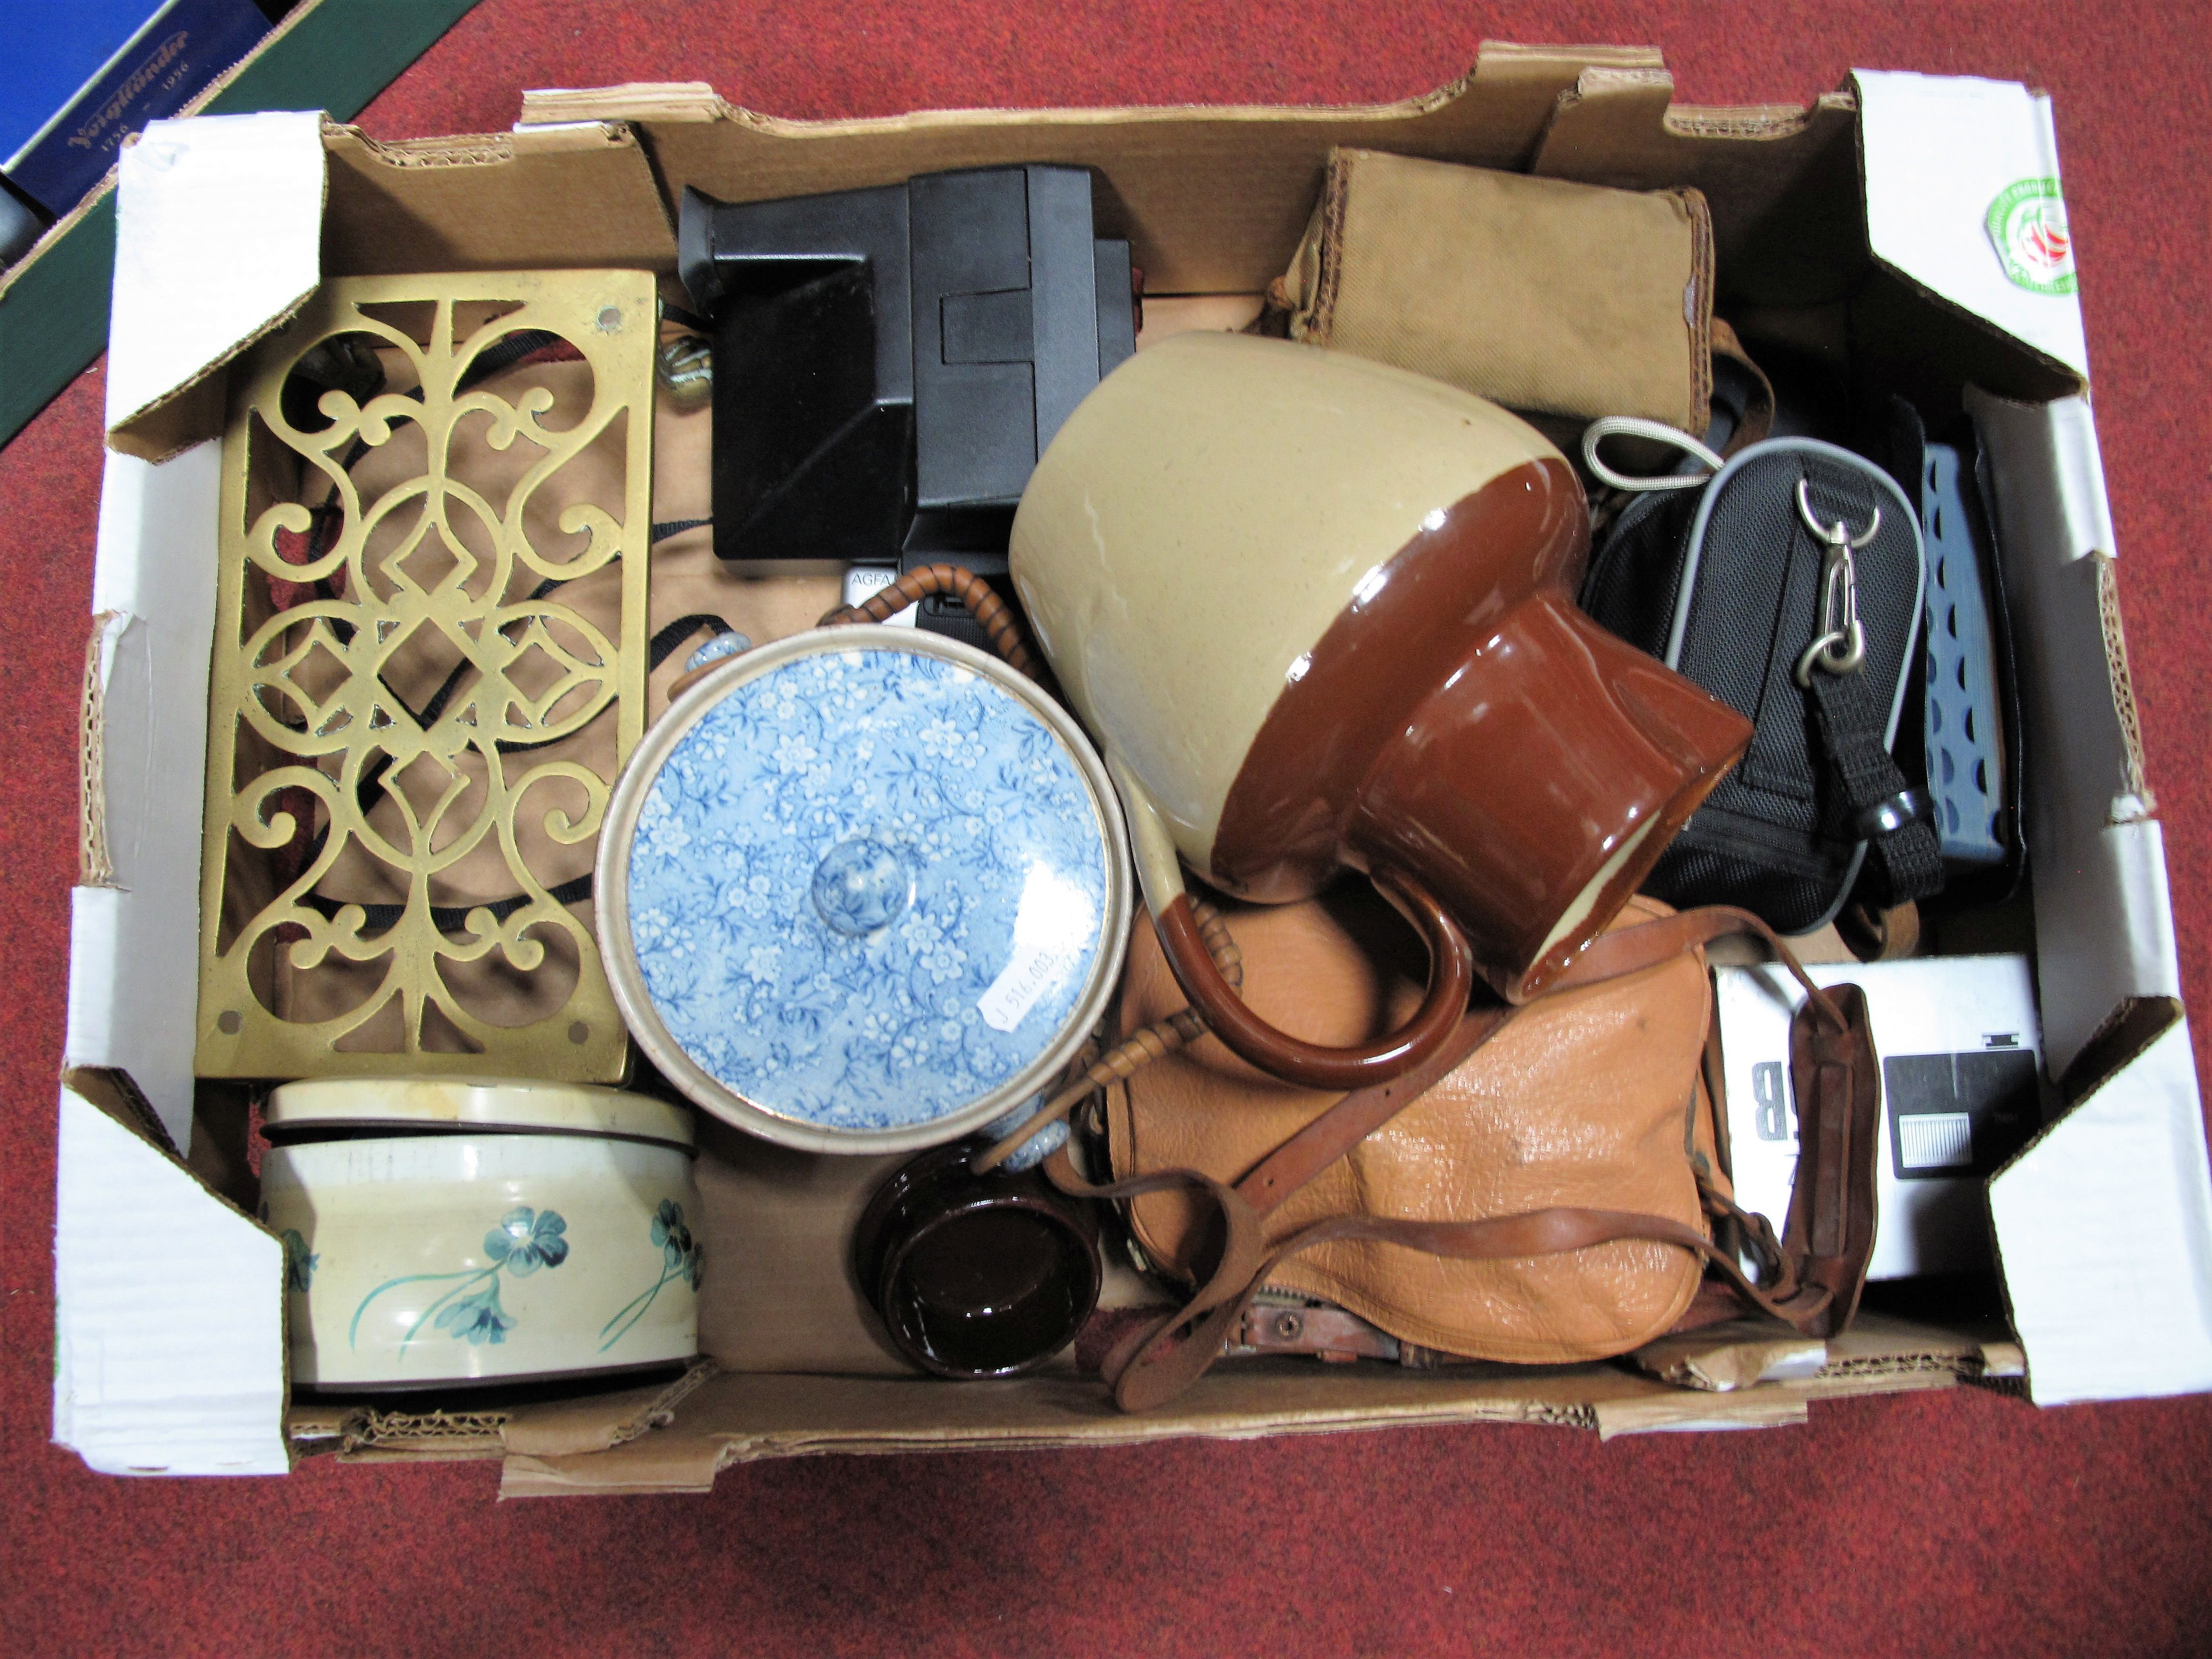 Lot 21 - Russian Quartz M Cine Camera and Accessories, Polaroid Supercolor 600, Boot, Kodak Easy Share C813